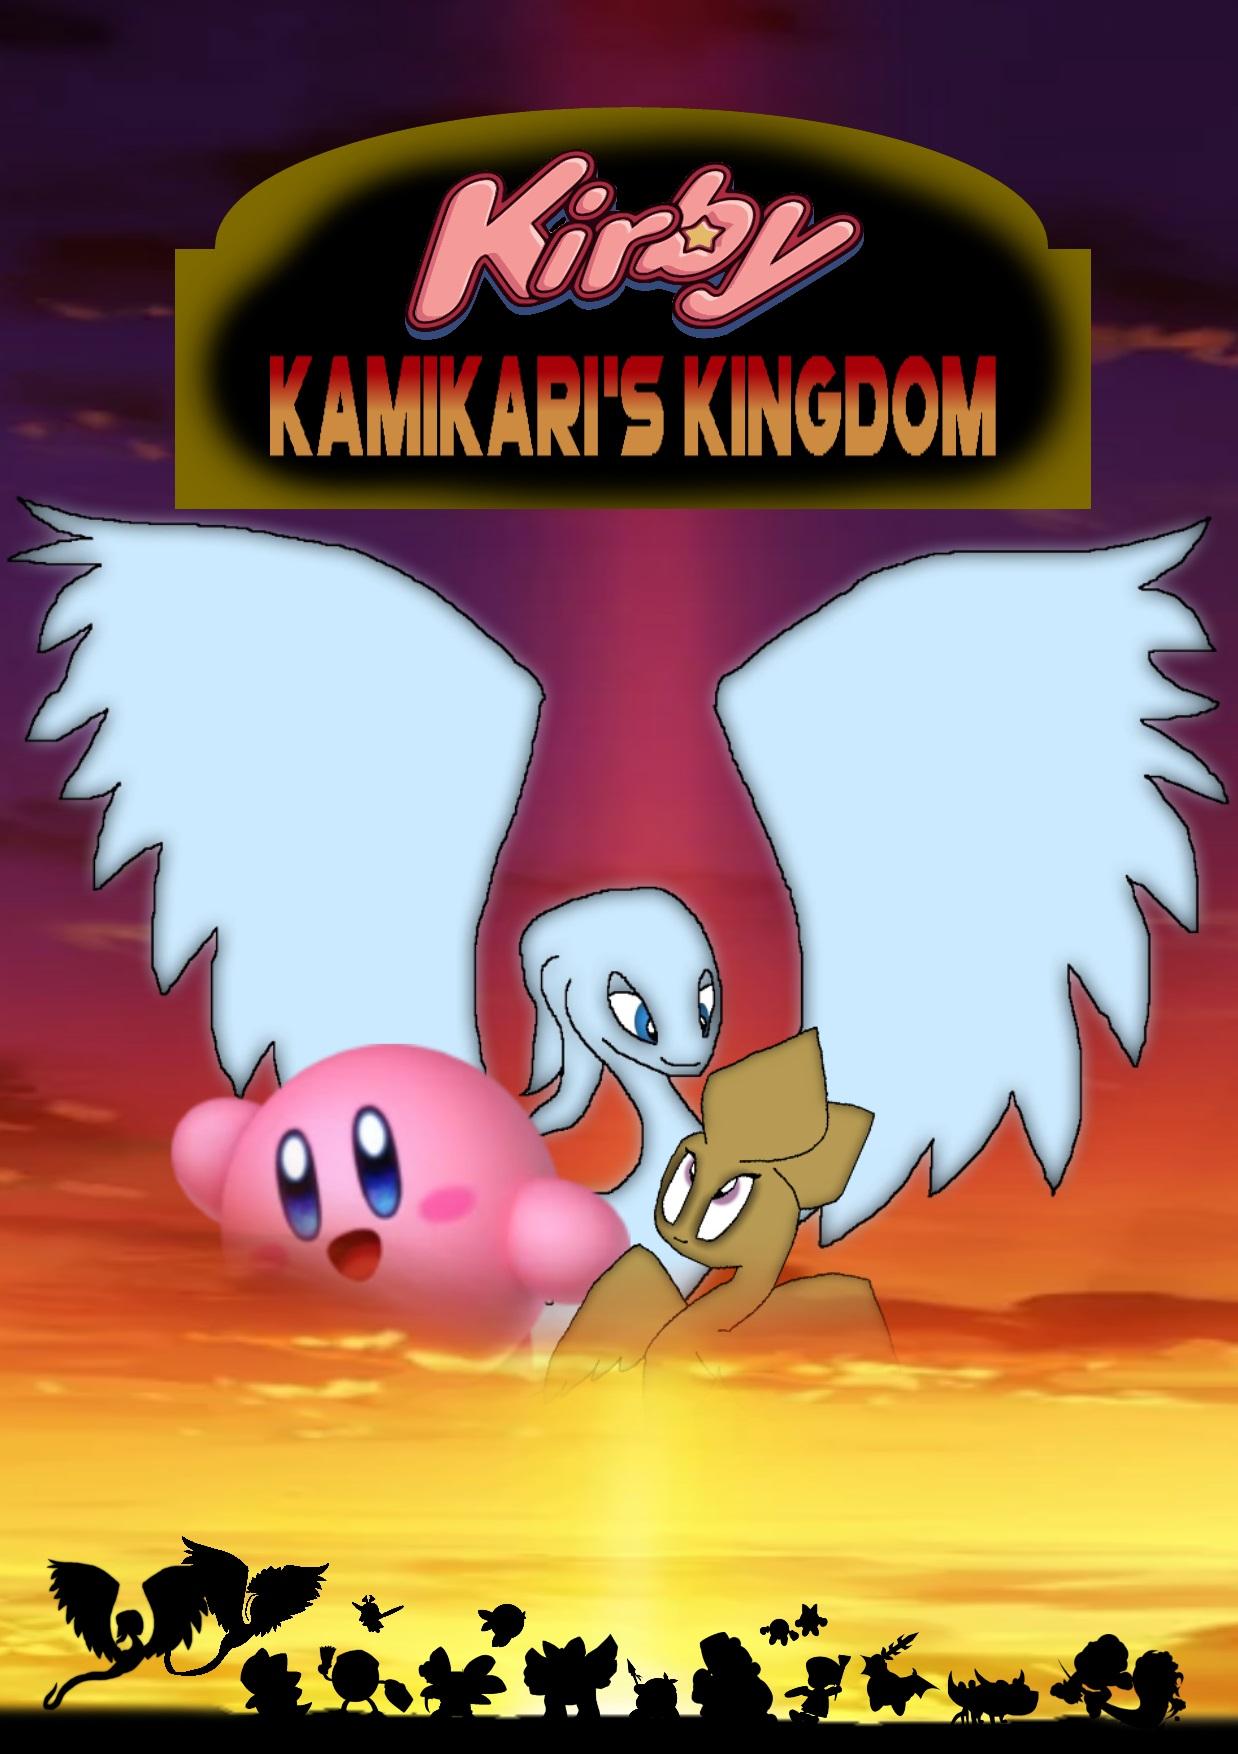 Kirby Kamikari's Kingdom